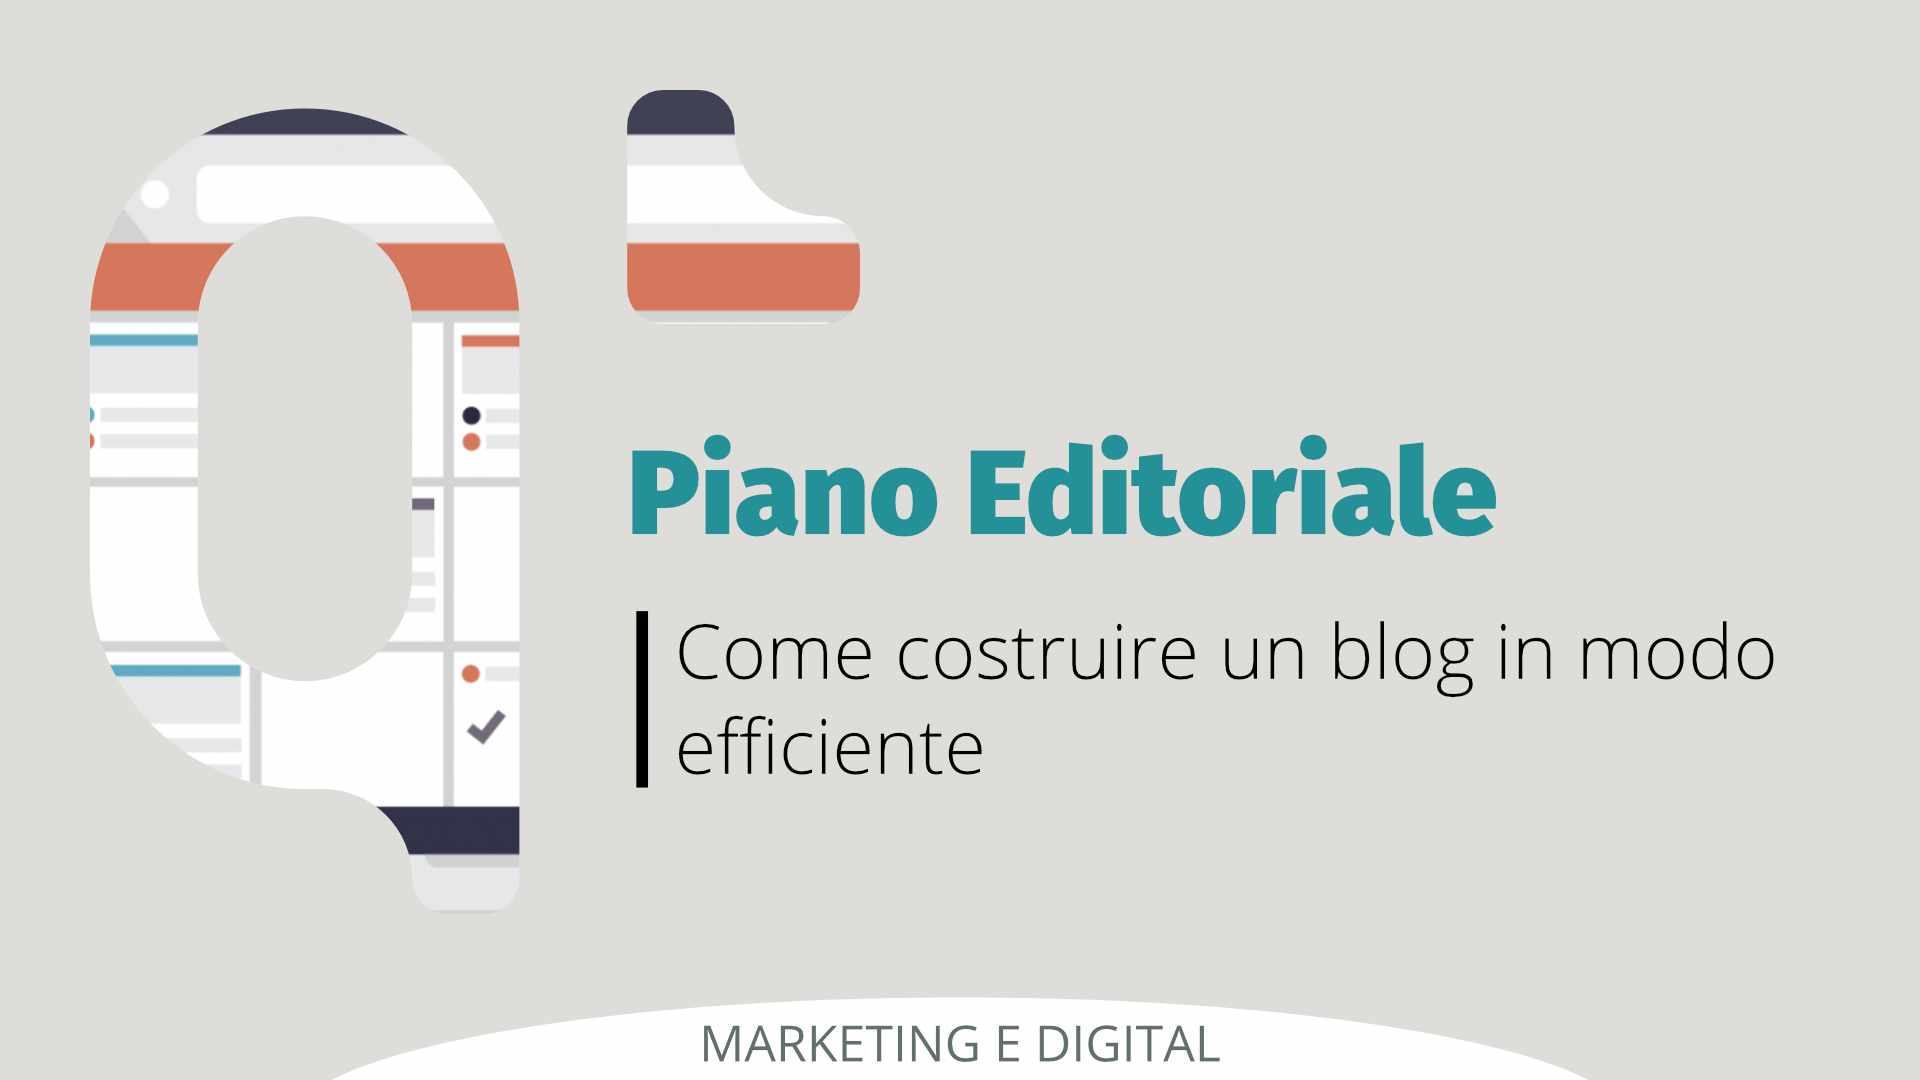 Piano editoriale per eCommerce: come costruire un Blog